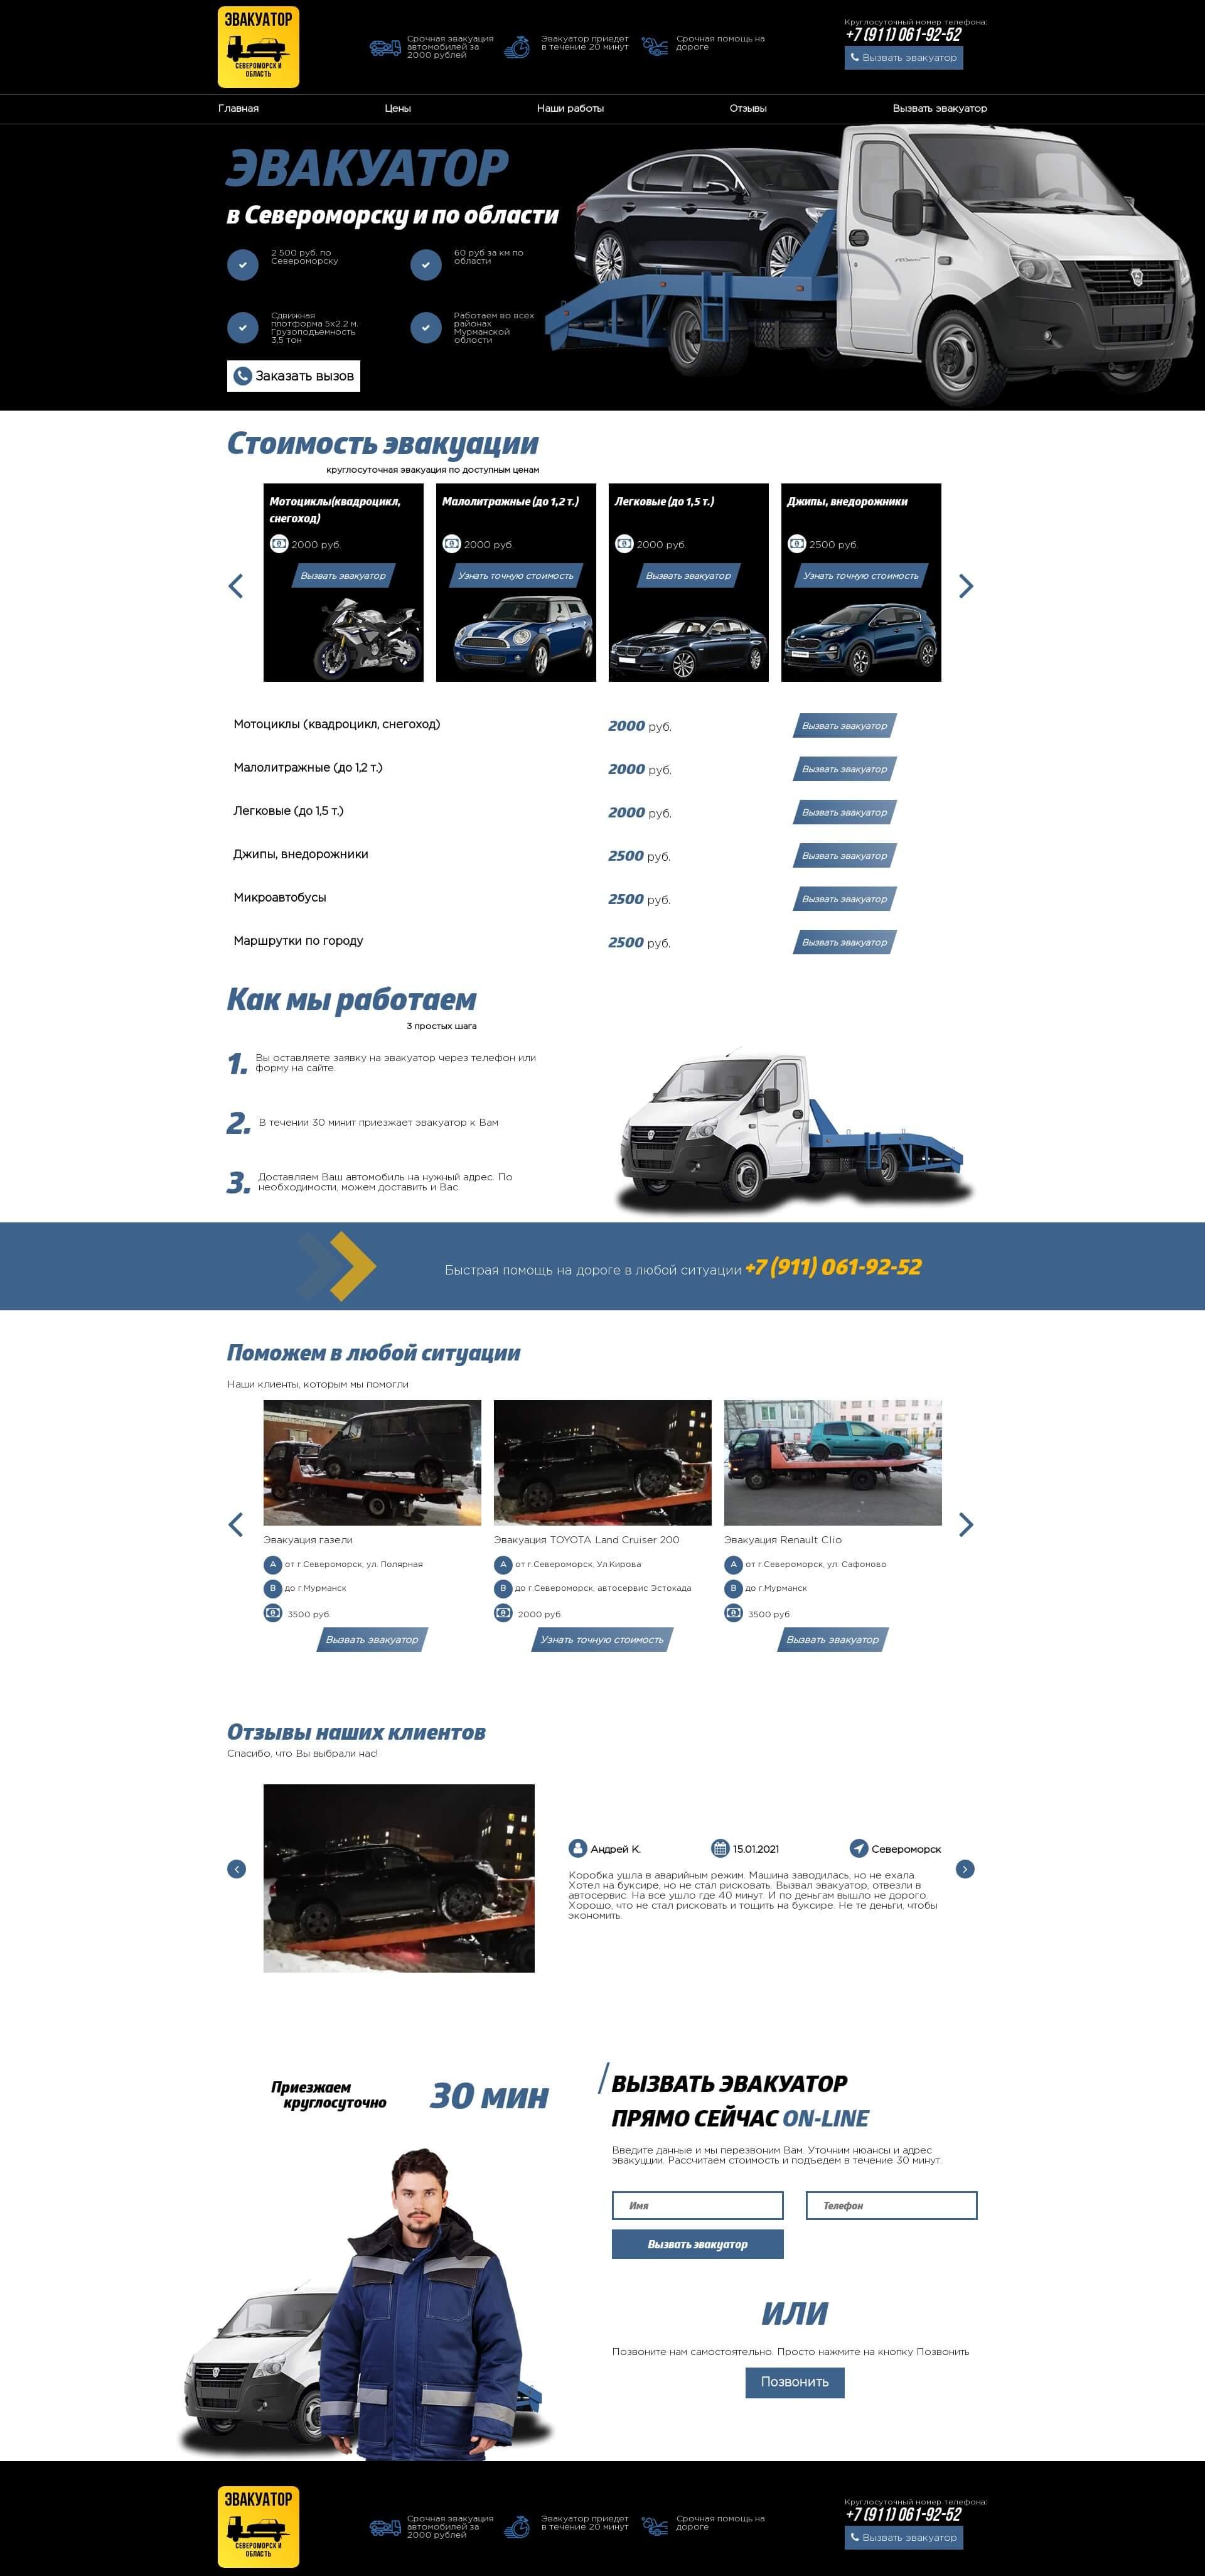 Скриншот №1 страницы сайта во весь экран. Сайт для эвакуатора в Североморске